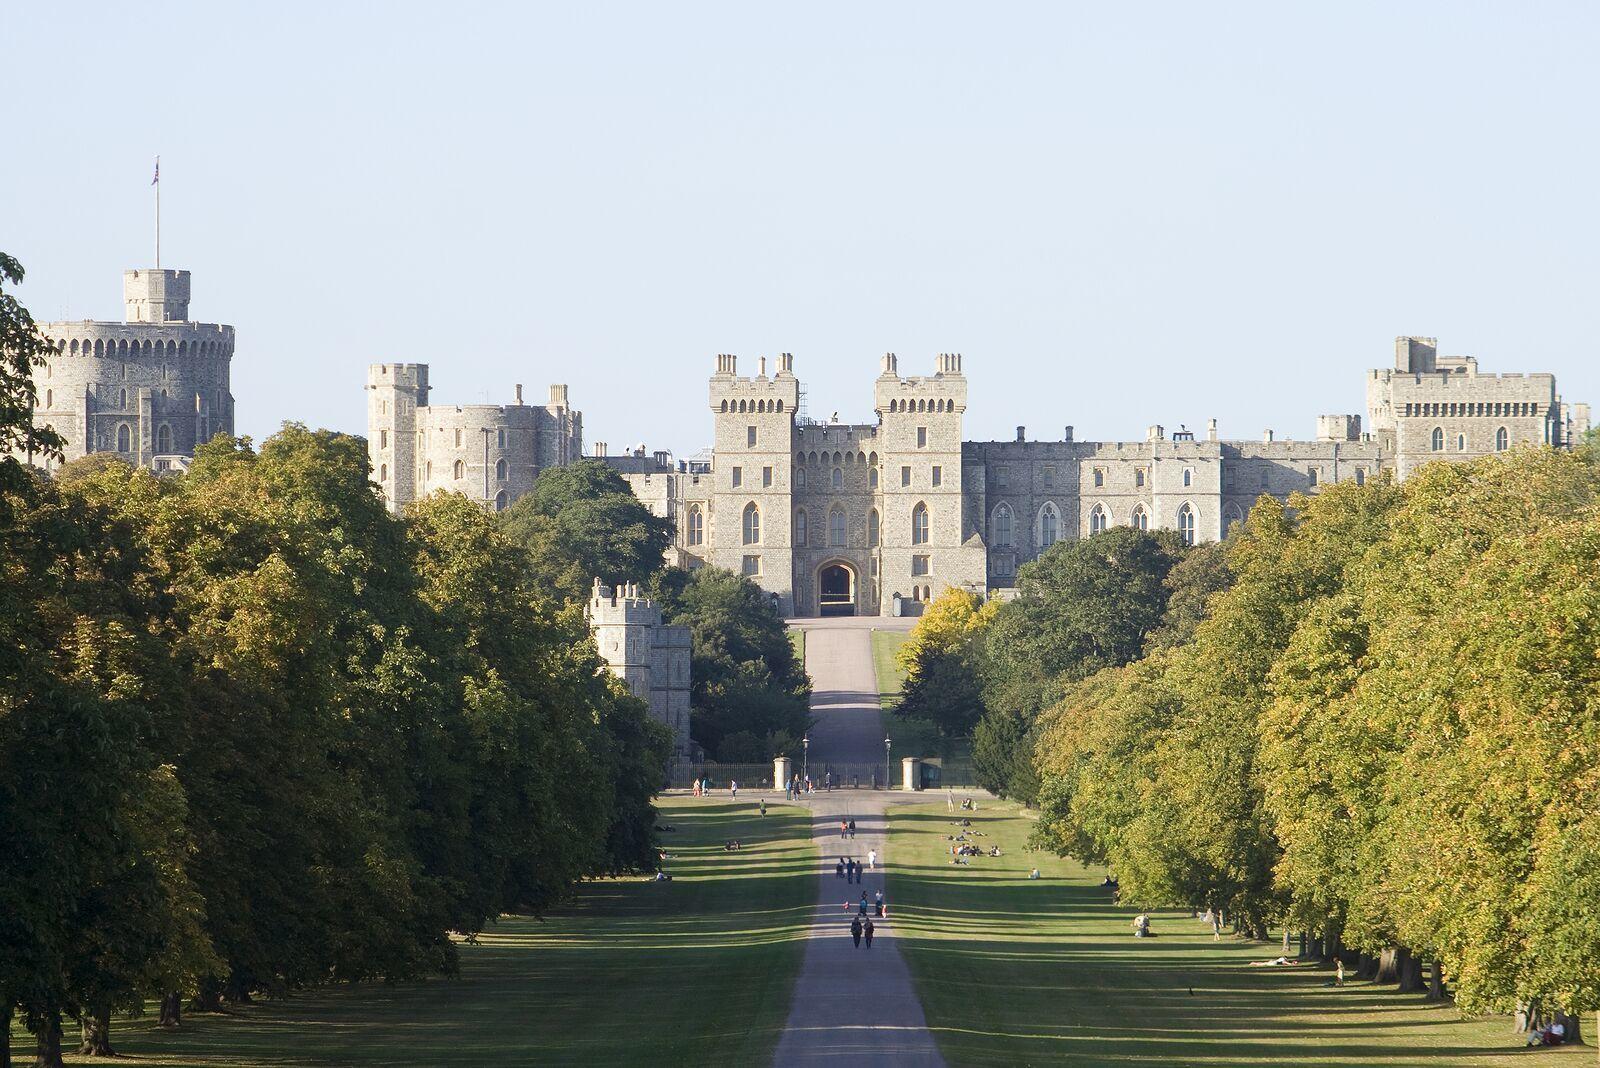 bigstock-Dusk-at-Windsor-Castle-5858120_preview.jpeg